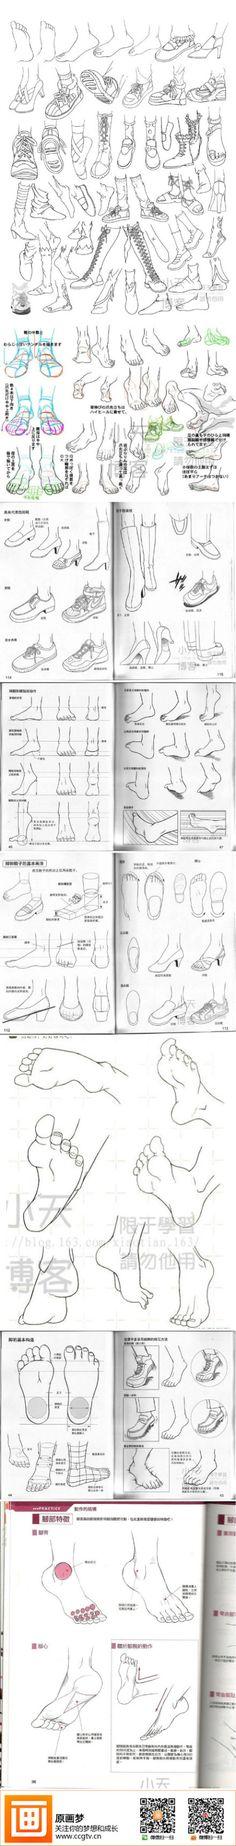 Harjoittele jalkojen ja kenkirn piirtämistä näiden avulla